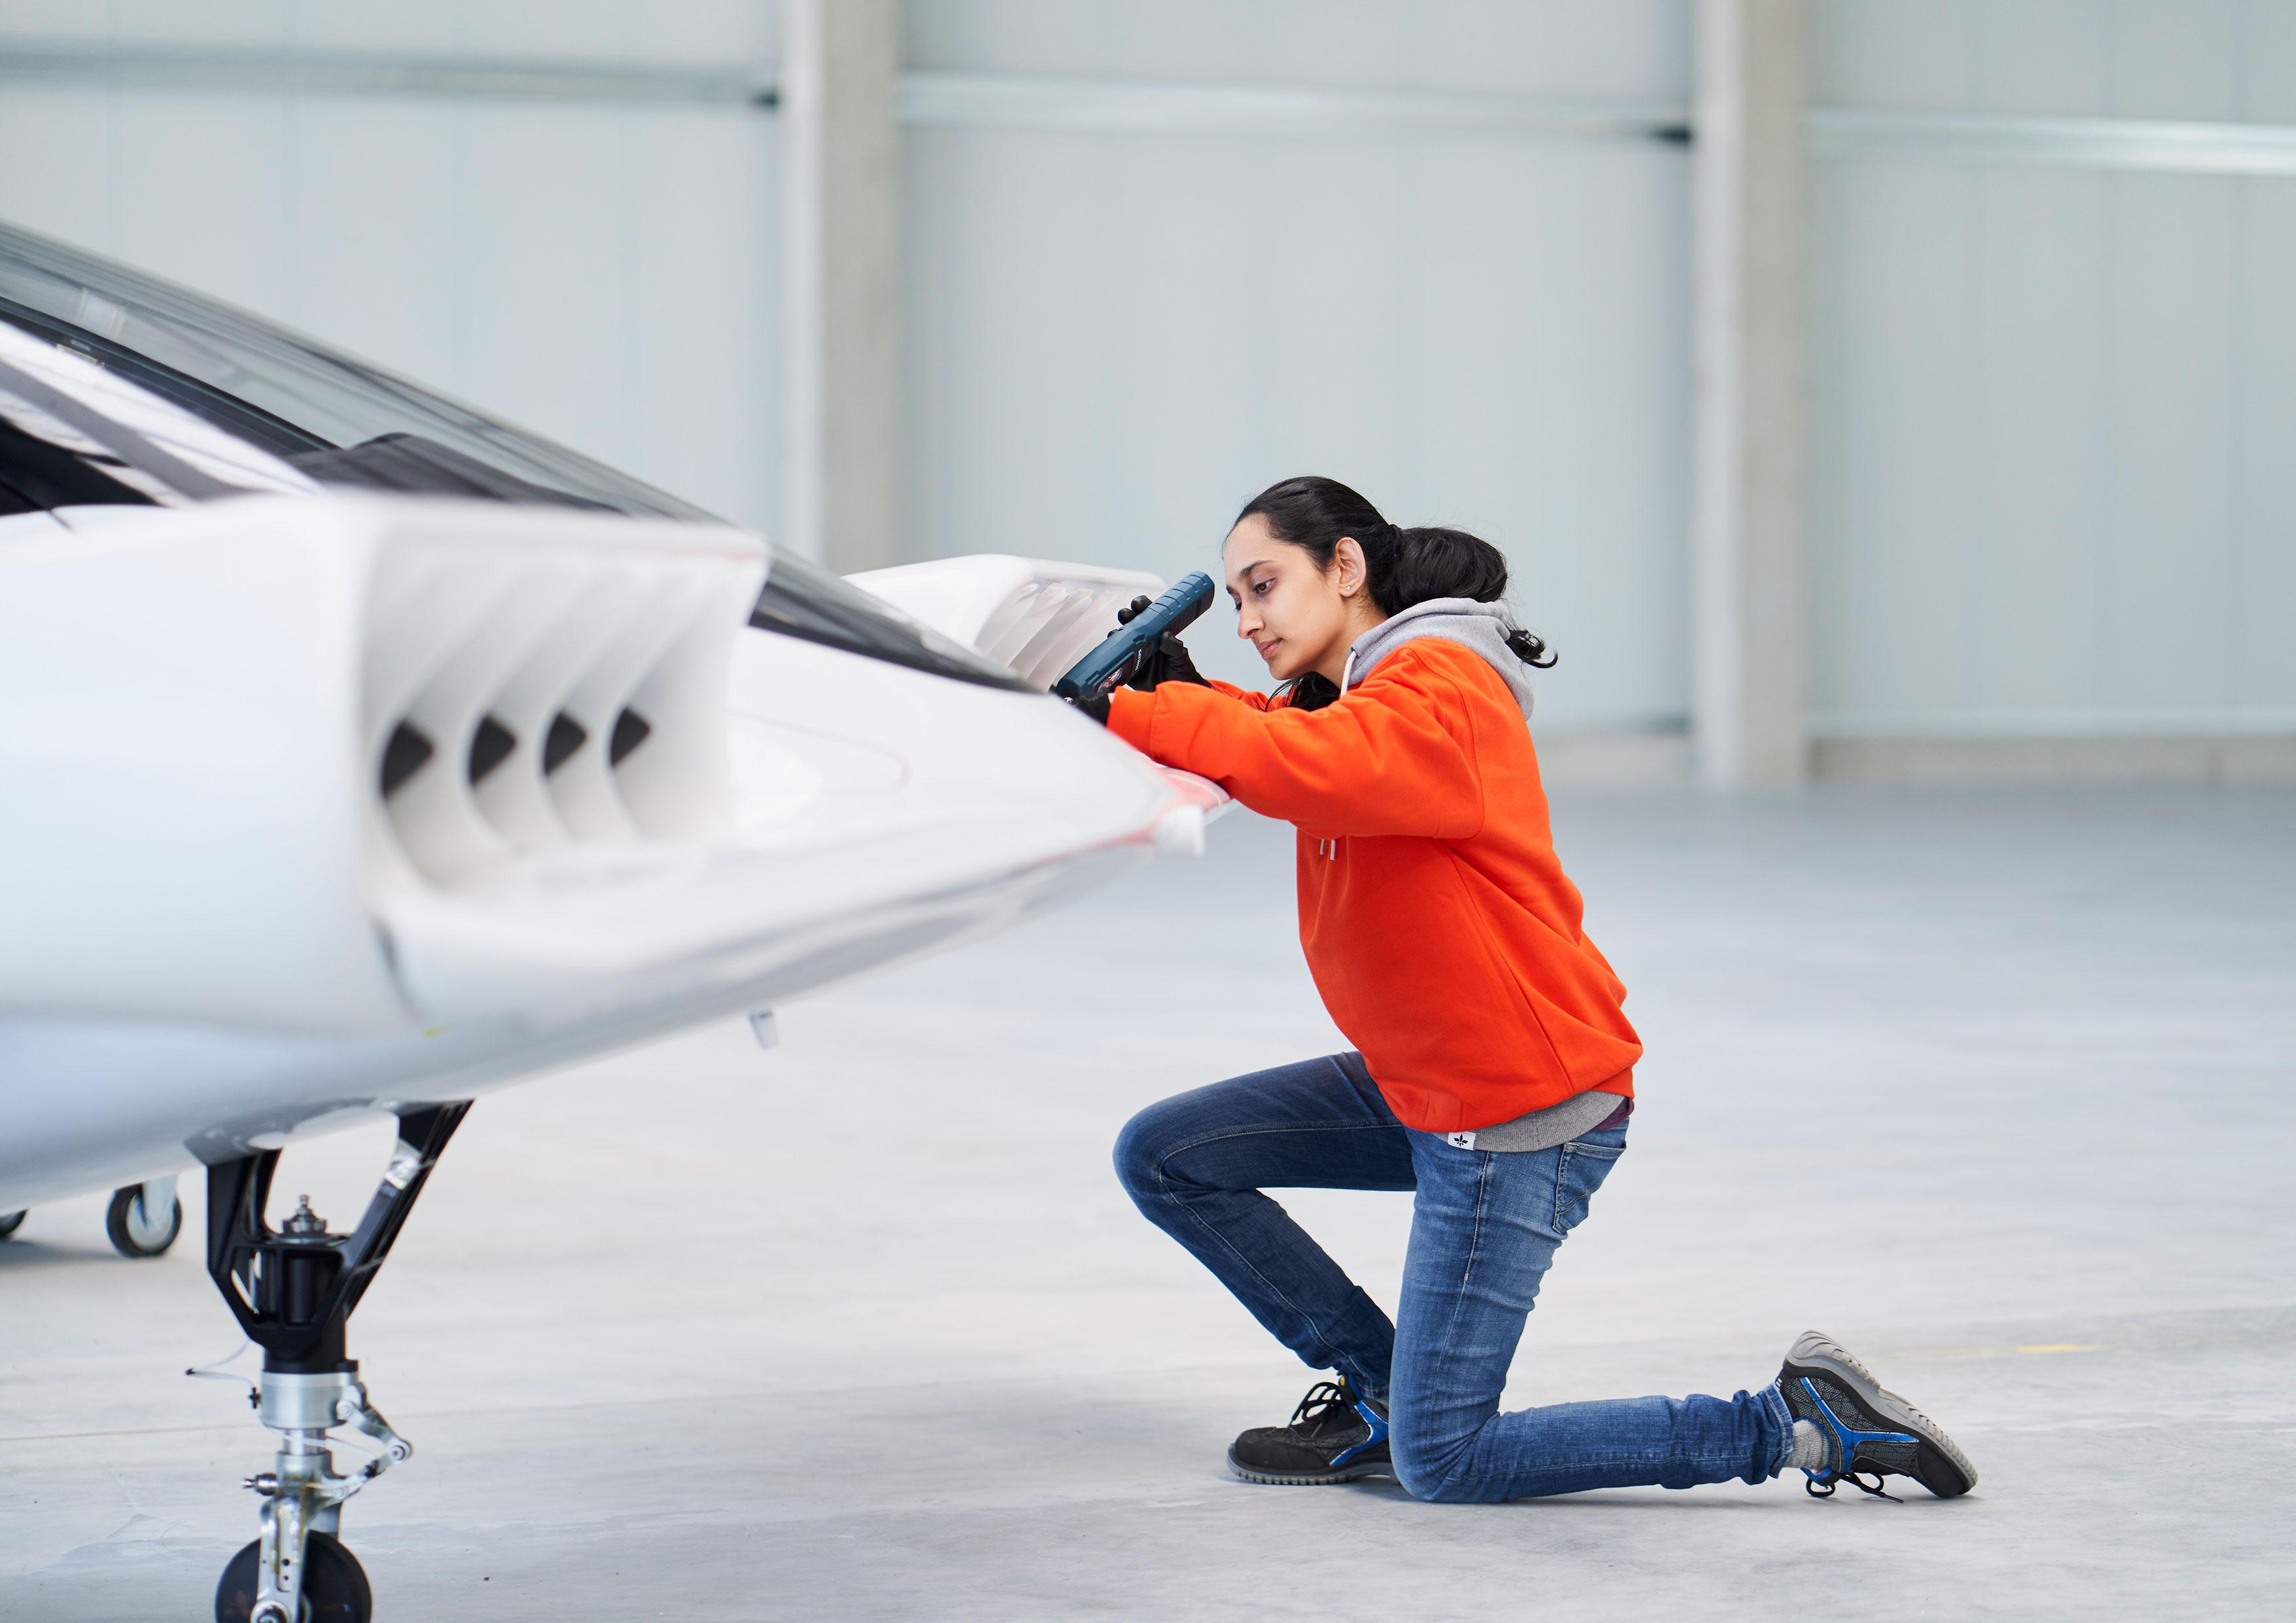 Lilium Jet flight test prep